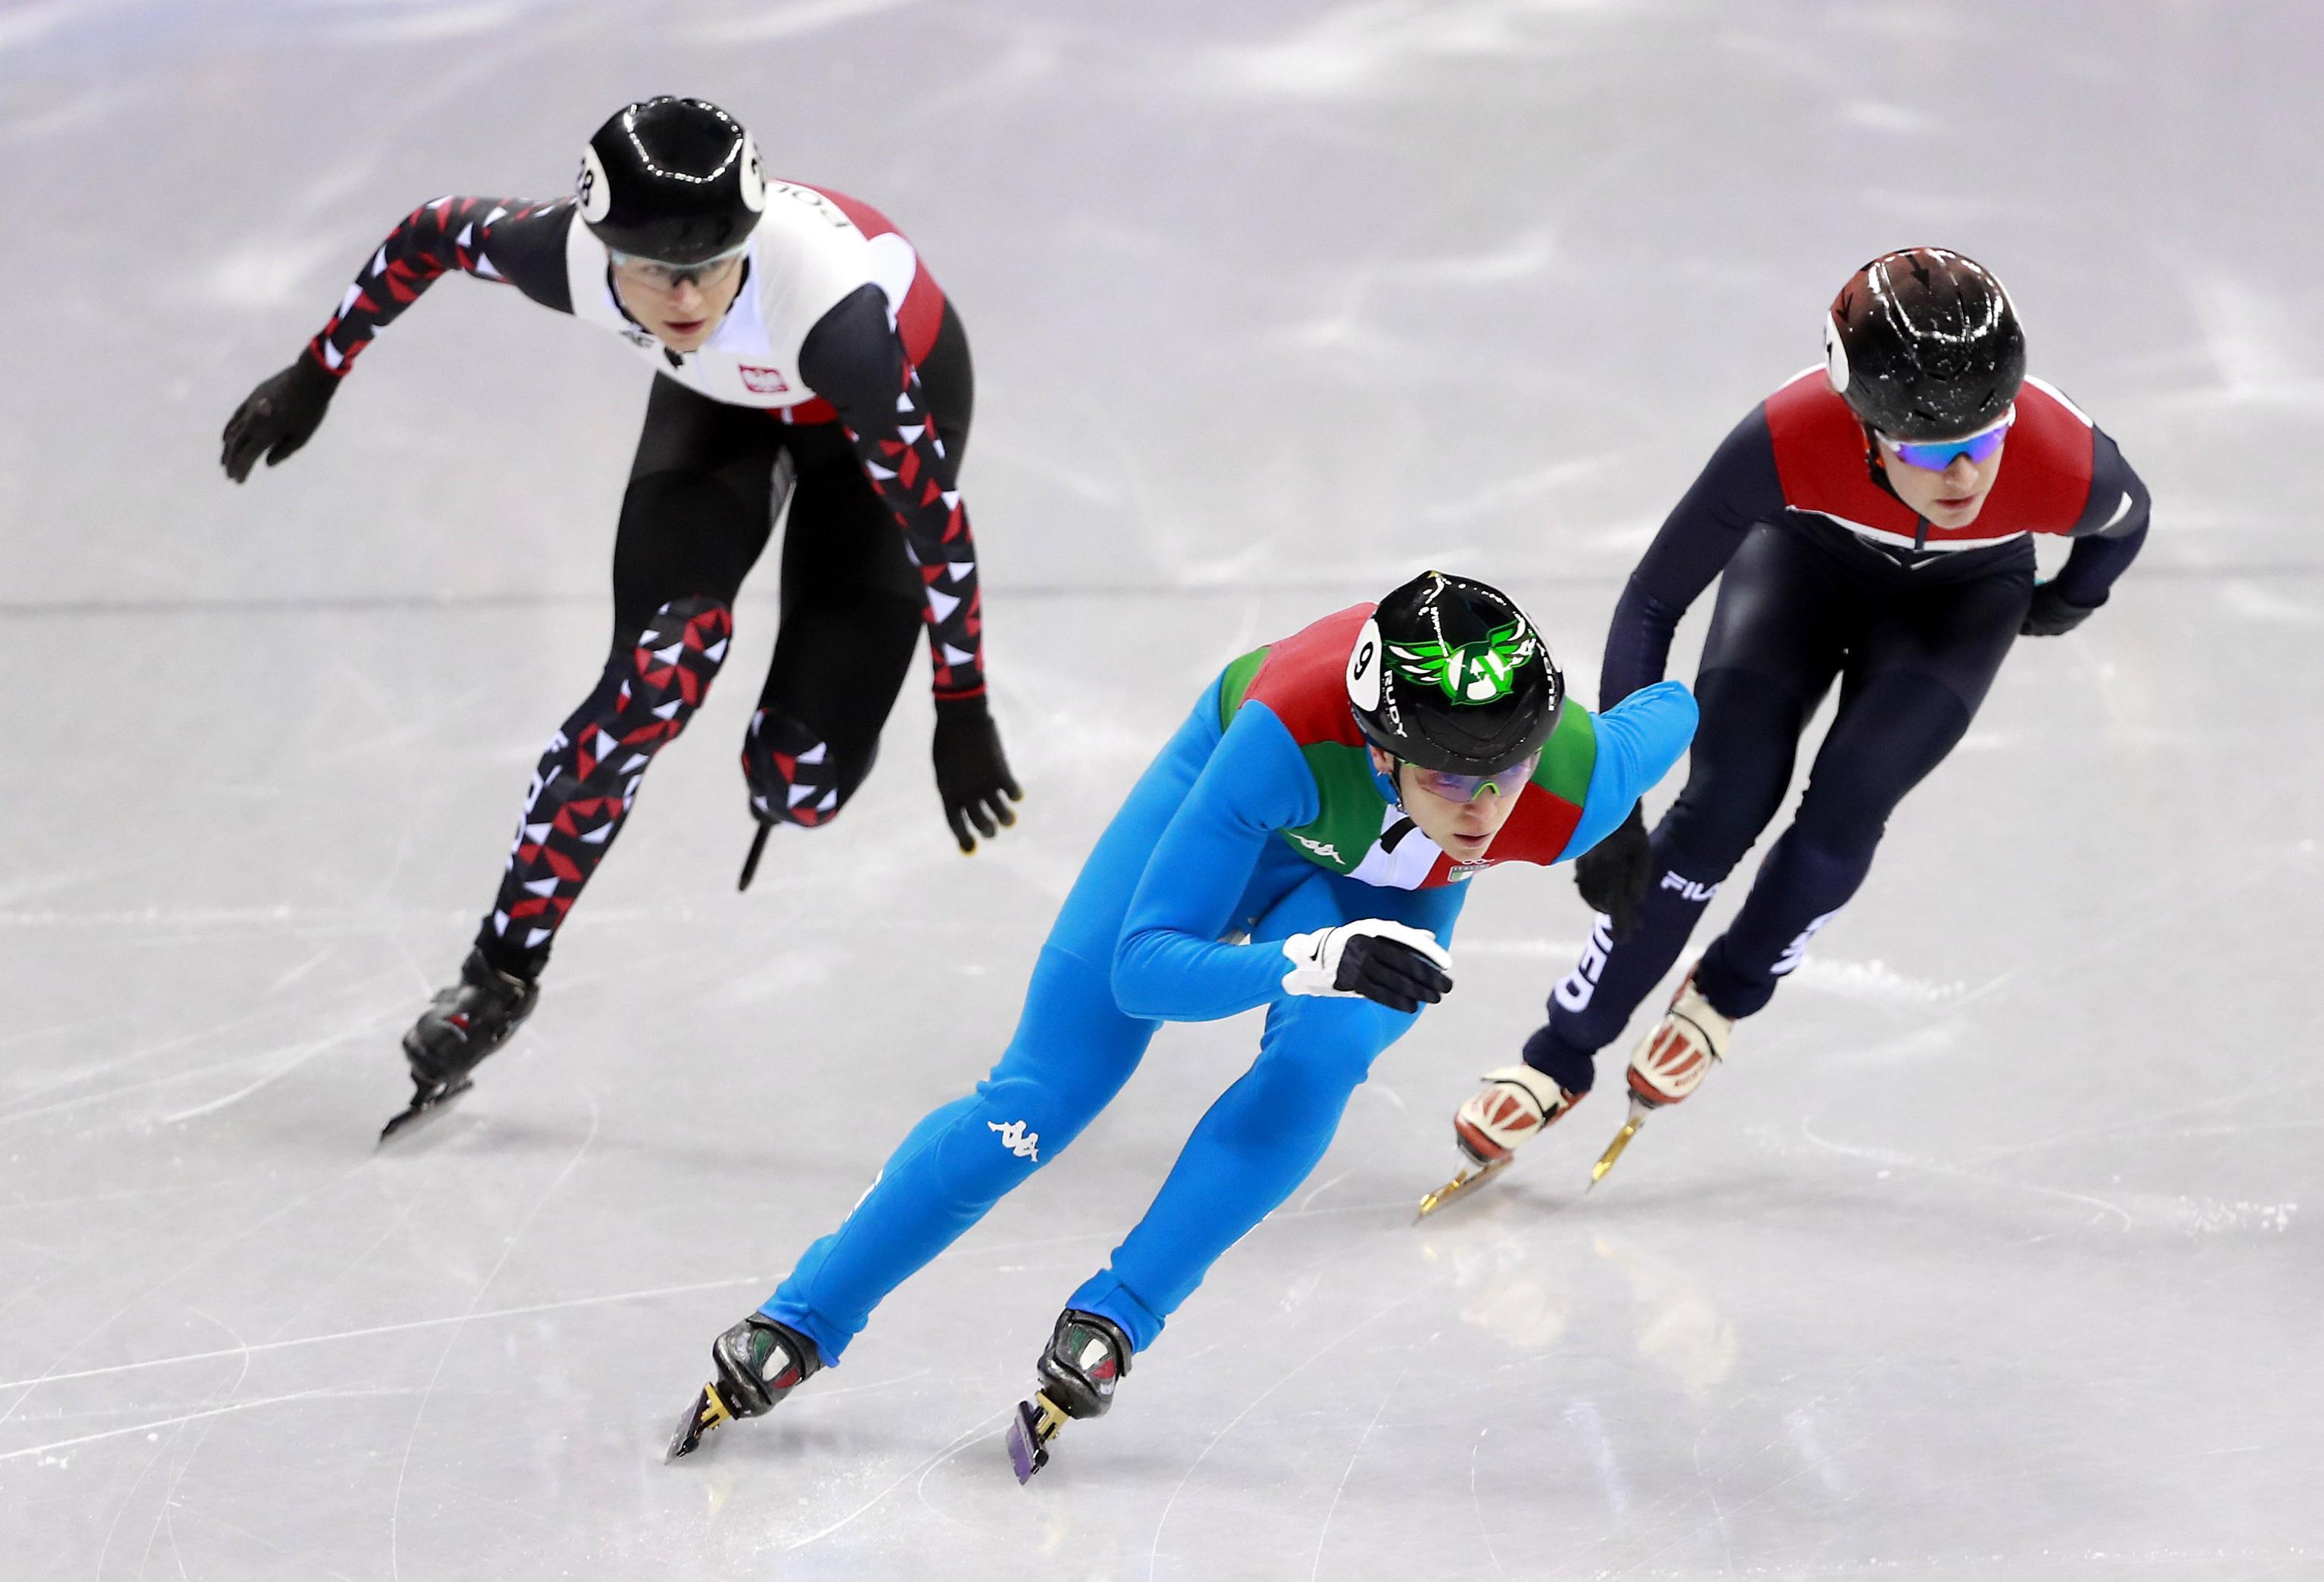 L'azzurra in azione durante i quarti di finale, alle sue spalle la polacca Maliszewska e l'olandese van Kerkhof